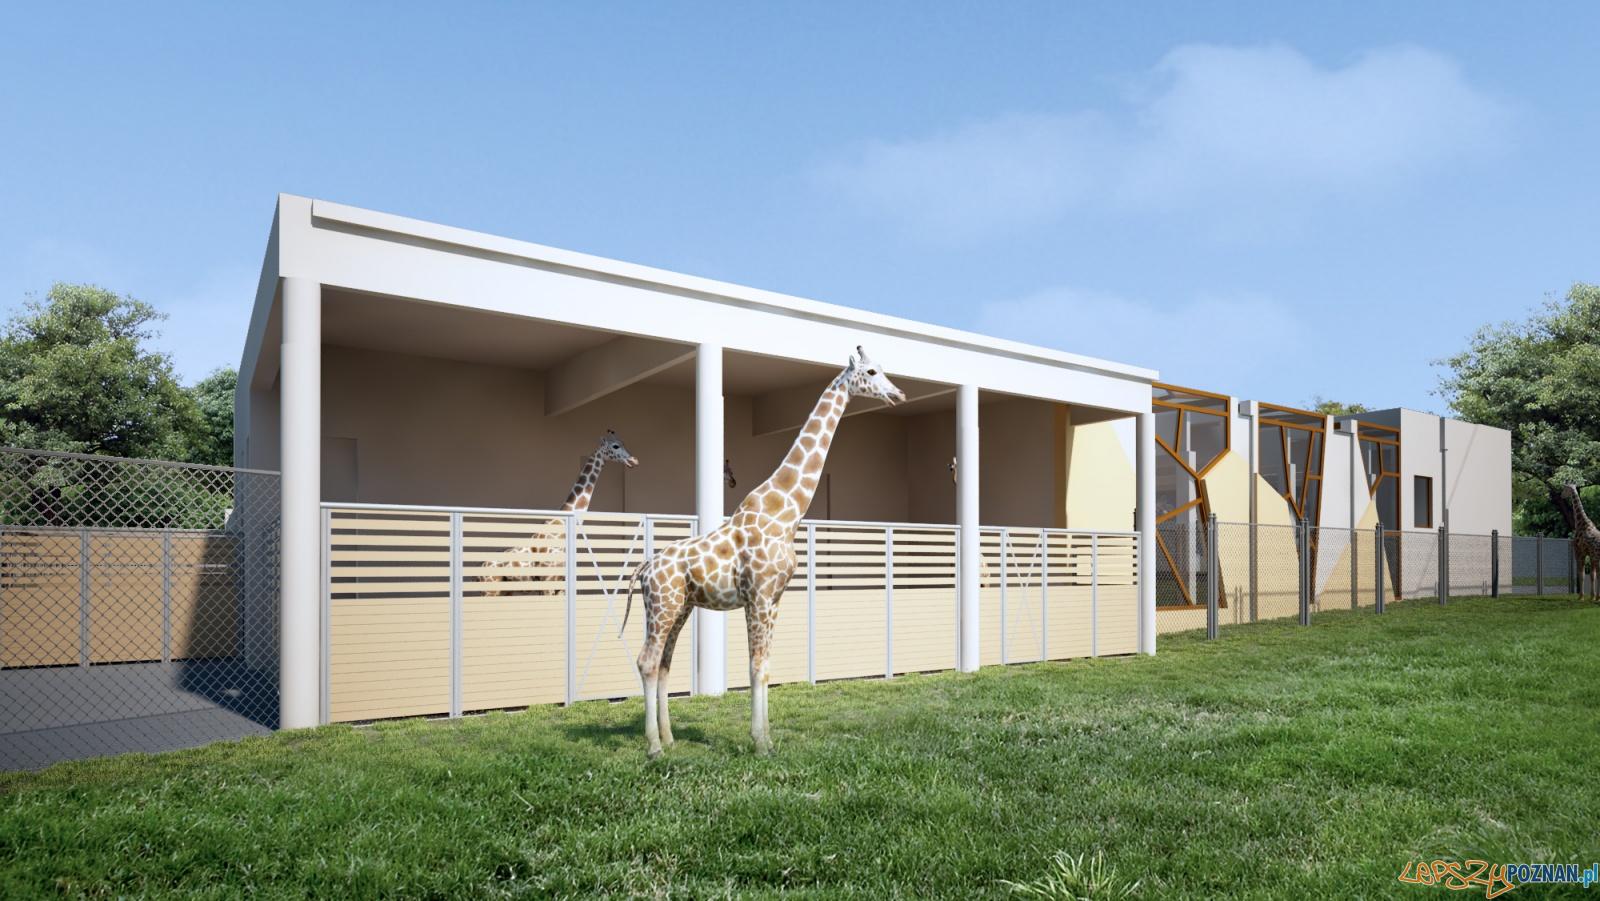 Nowy wybieg dla żyraf  Foto: wizualizacja pim